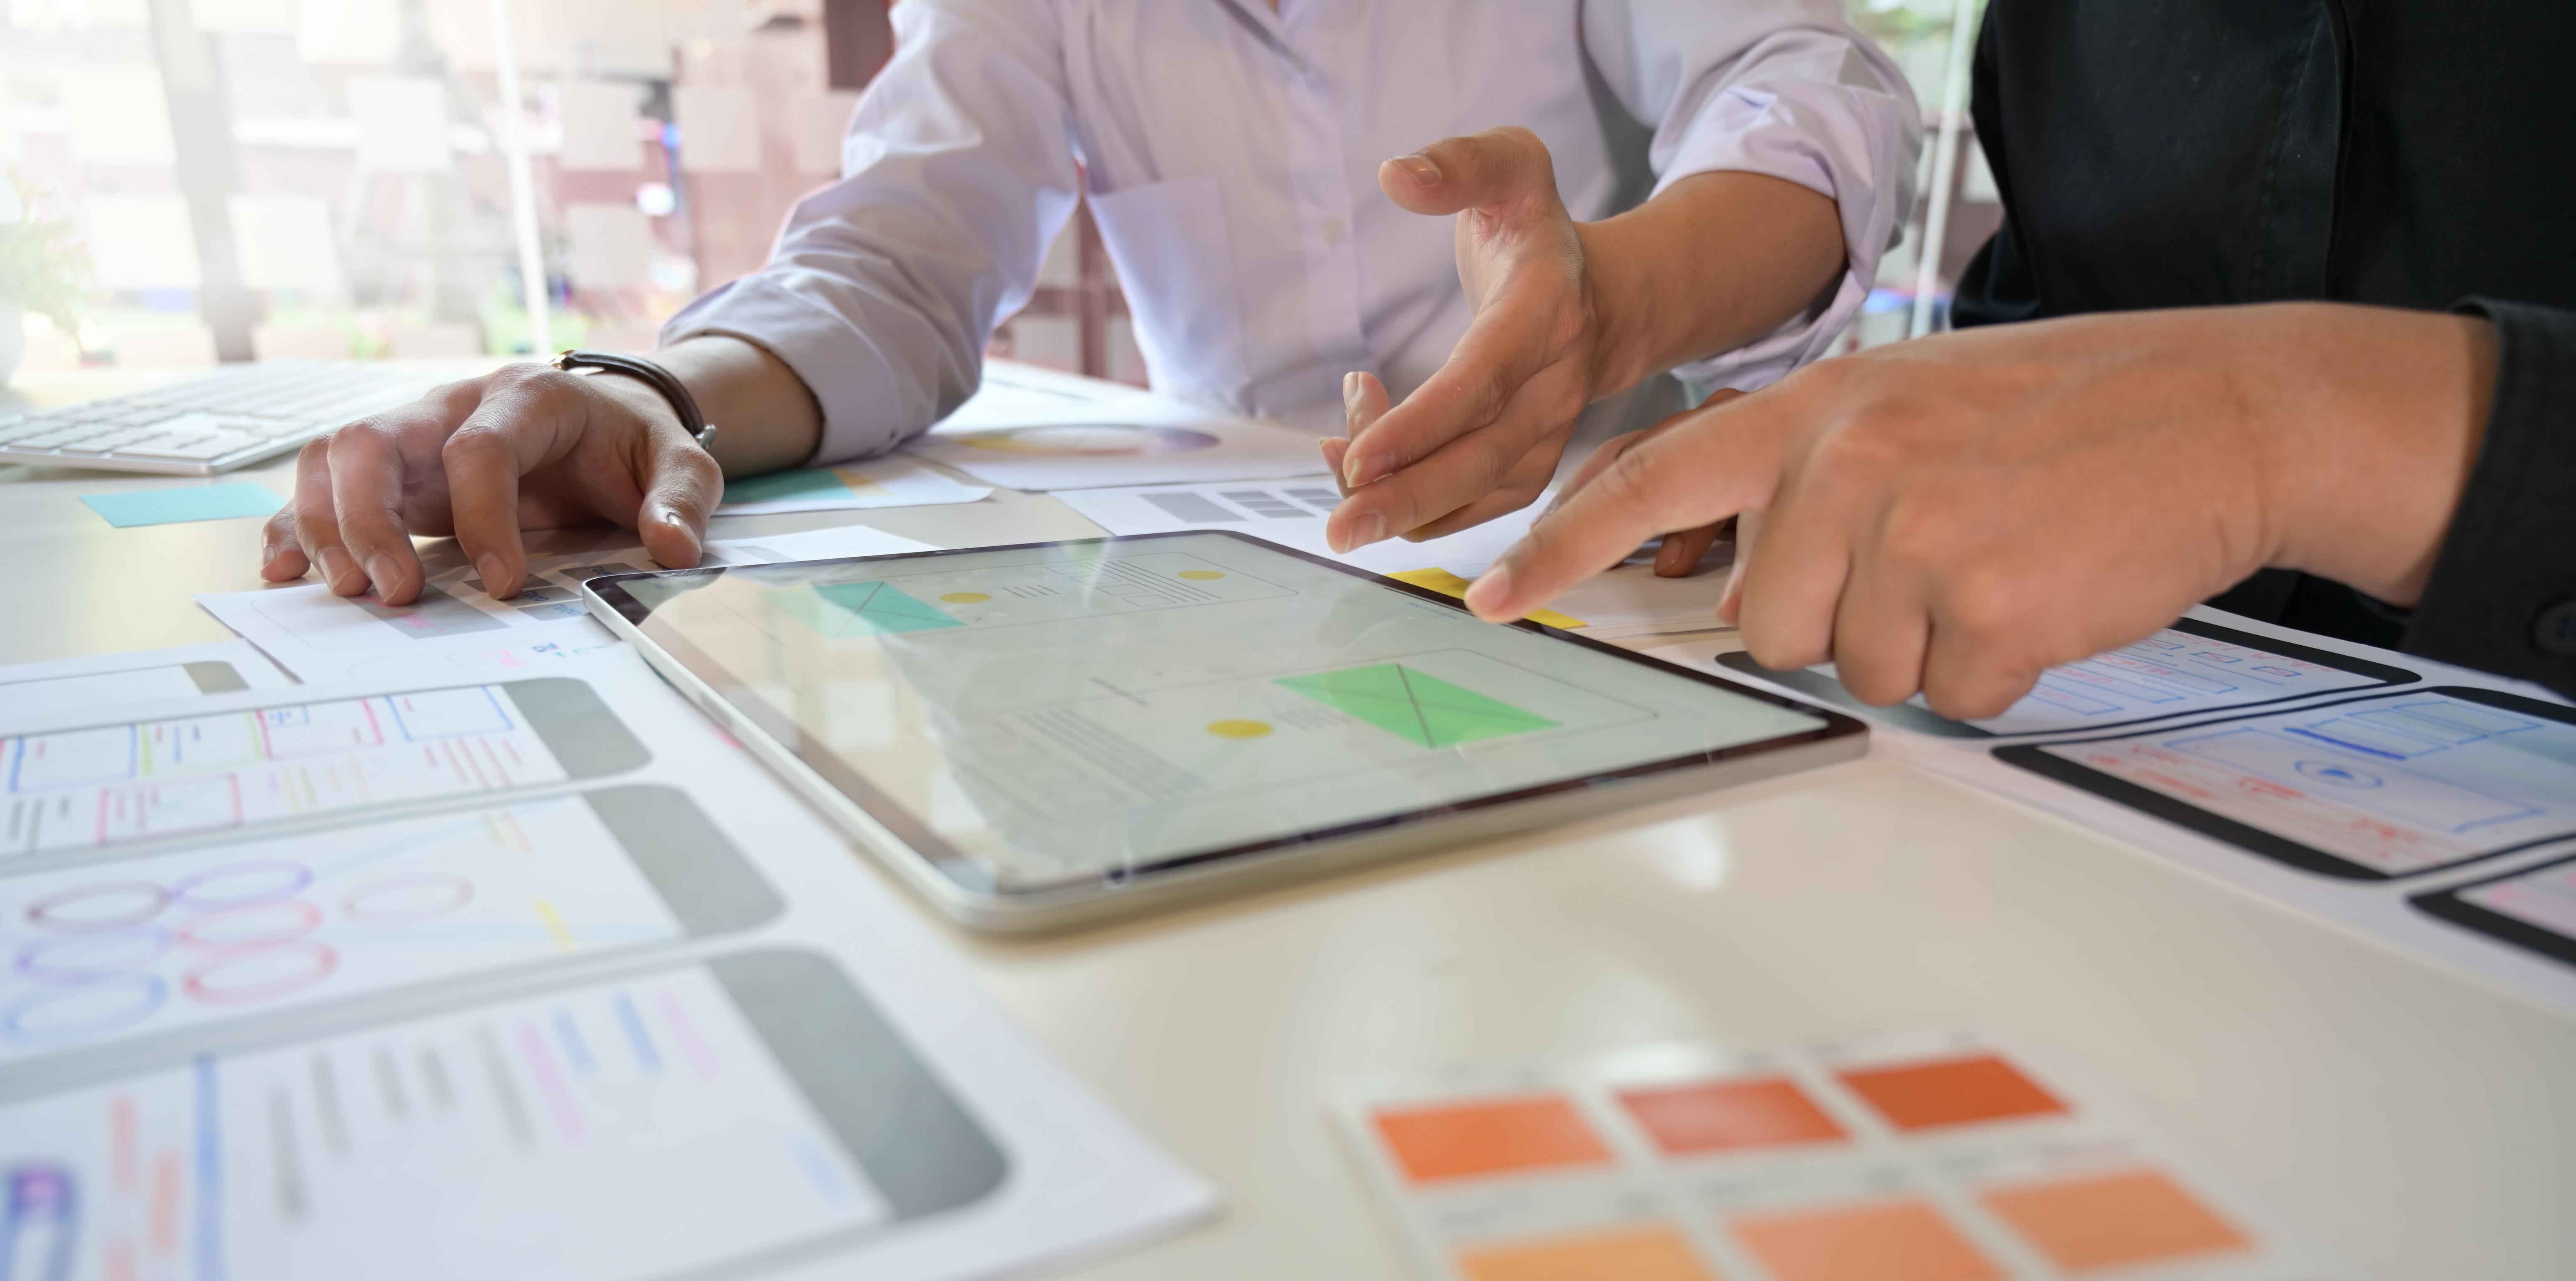 Beneficiarse con la tecnología: Estrategia de transformación digital